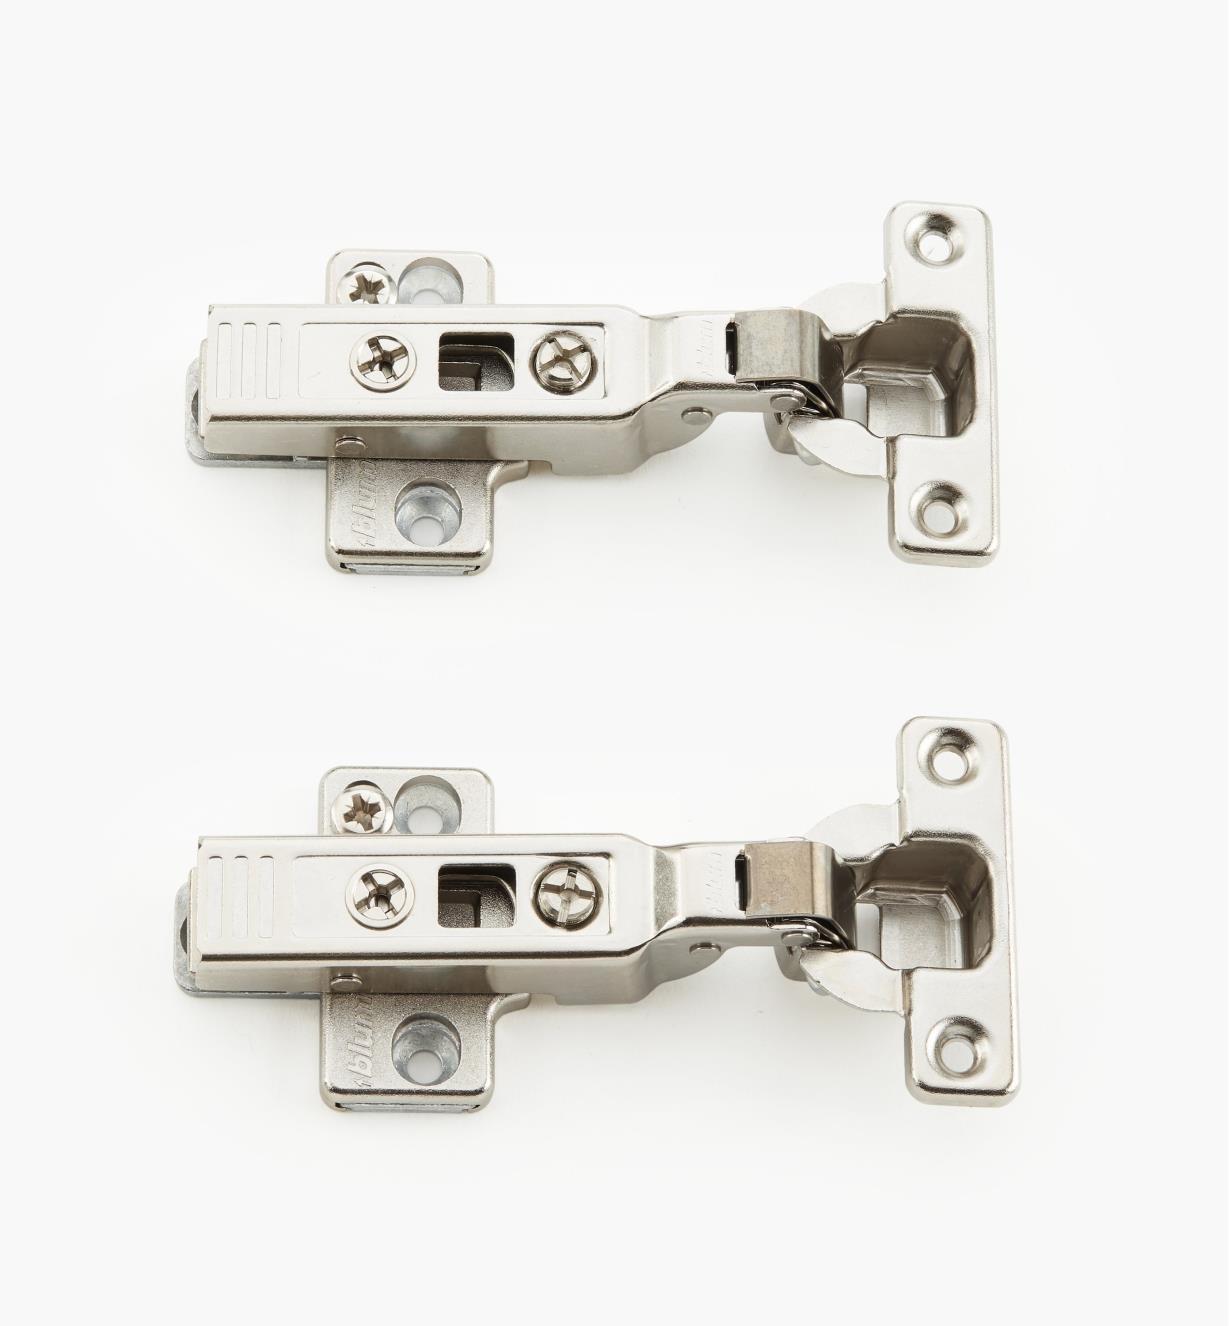 00B1402 - 94° Half Overlay Clip Mini Hinges, pr.